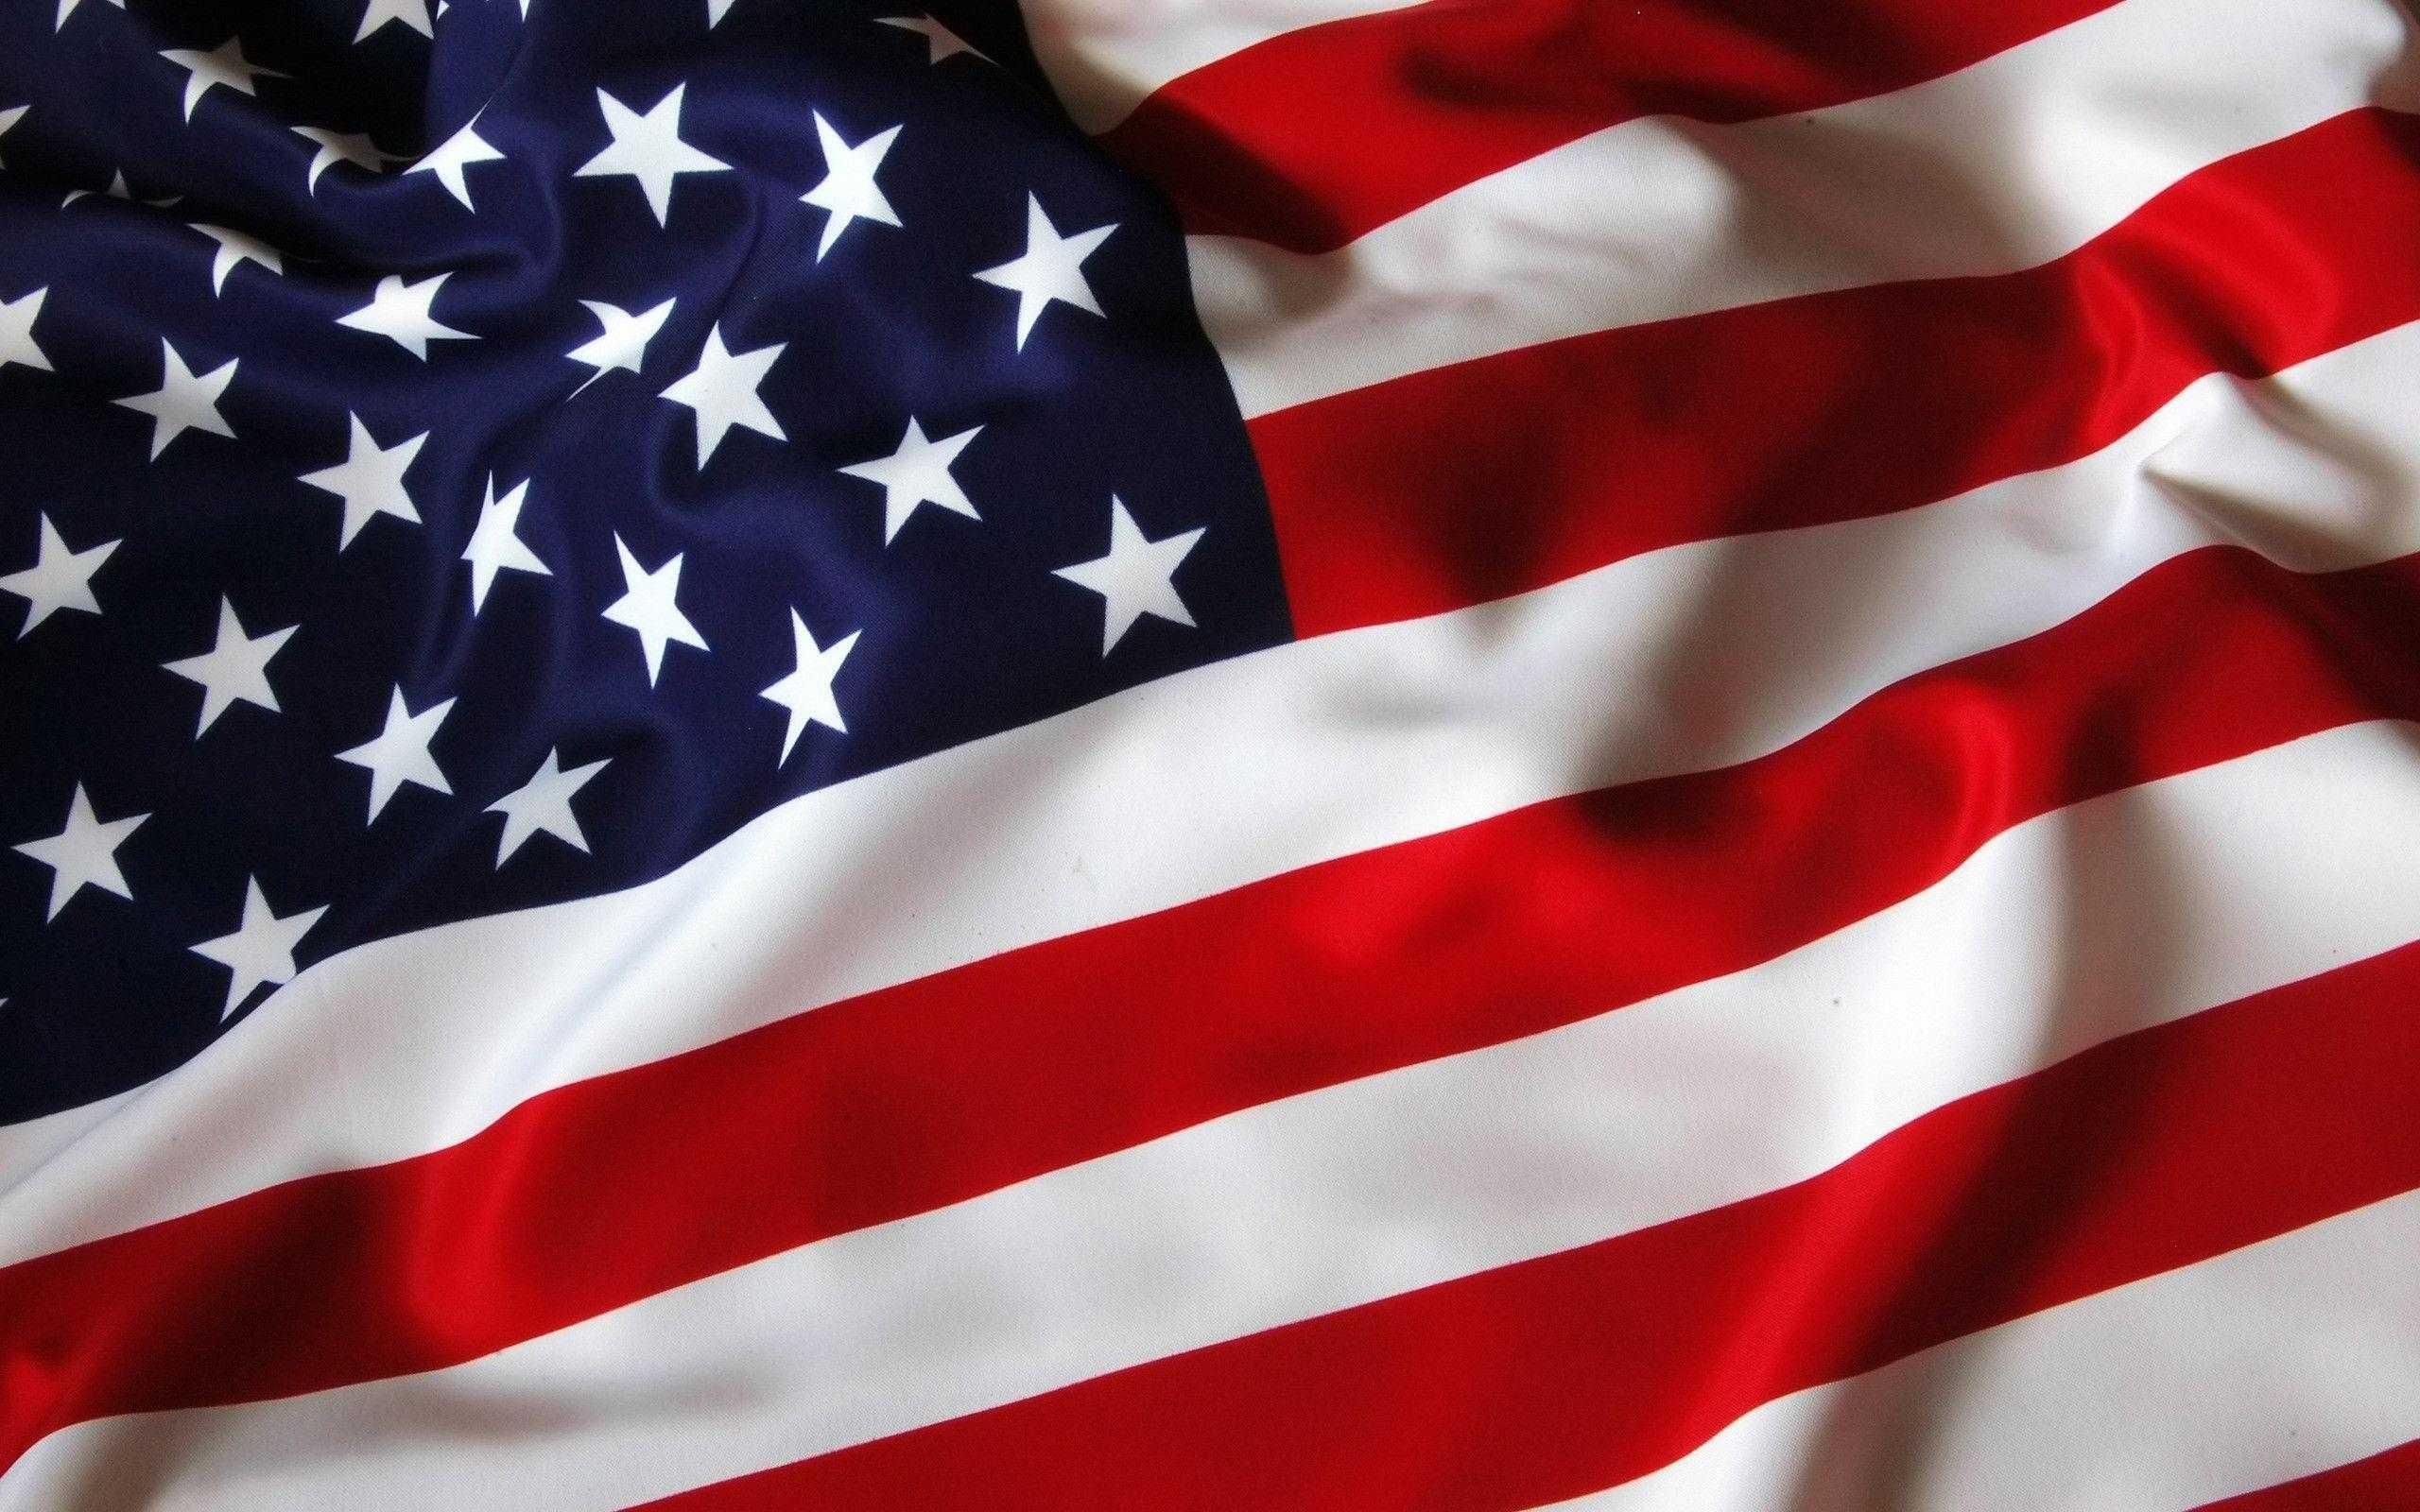 us flag wallpaper hd pics widescreen american desktop backgrounds